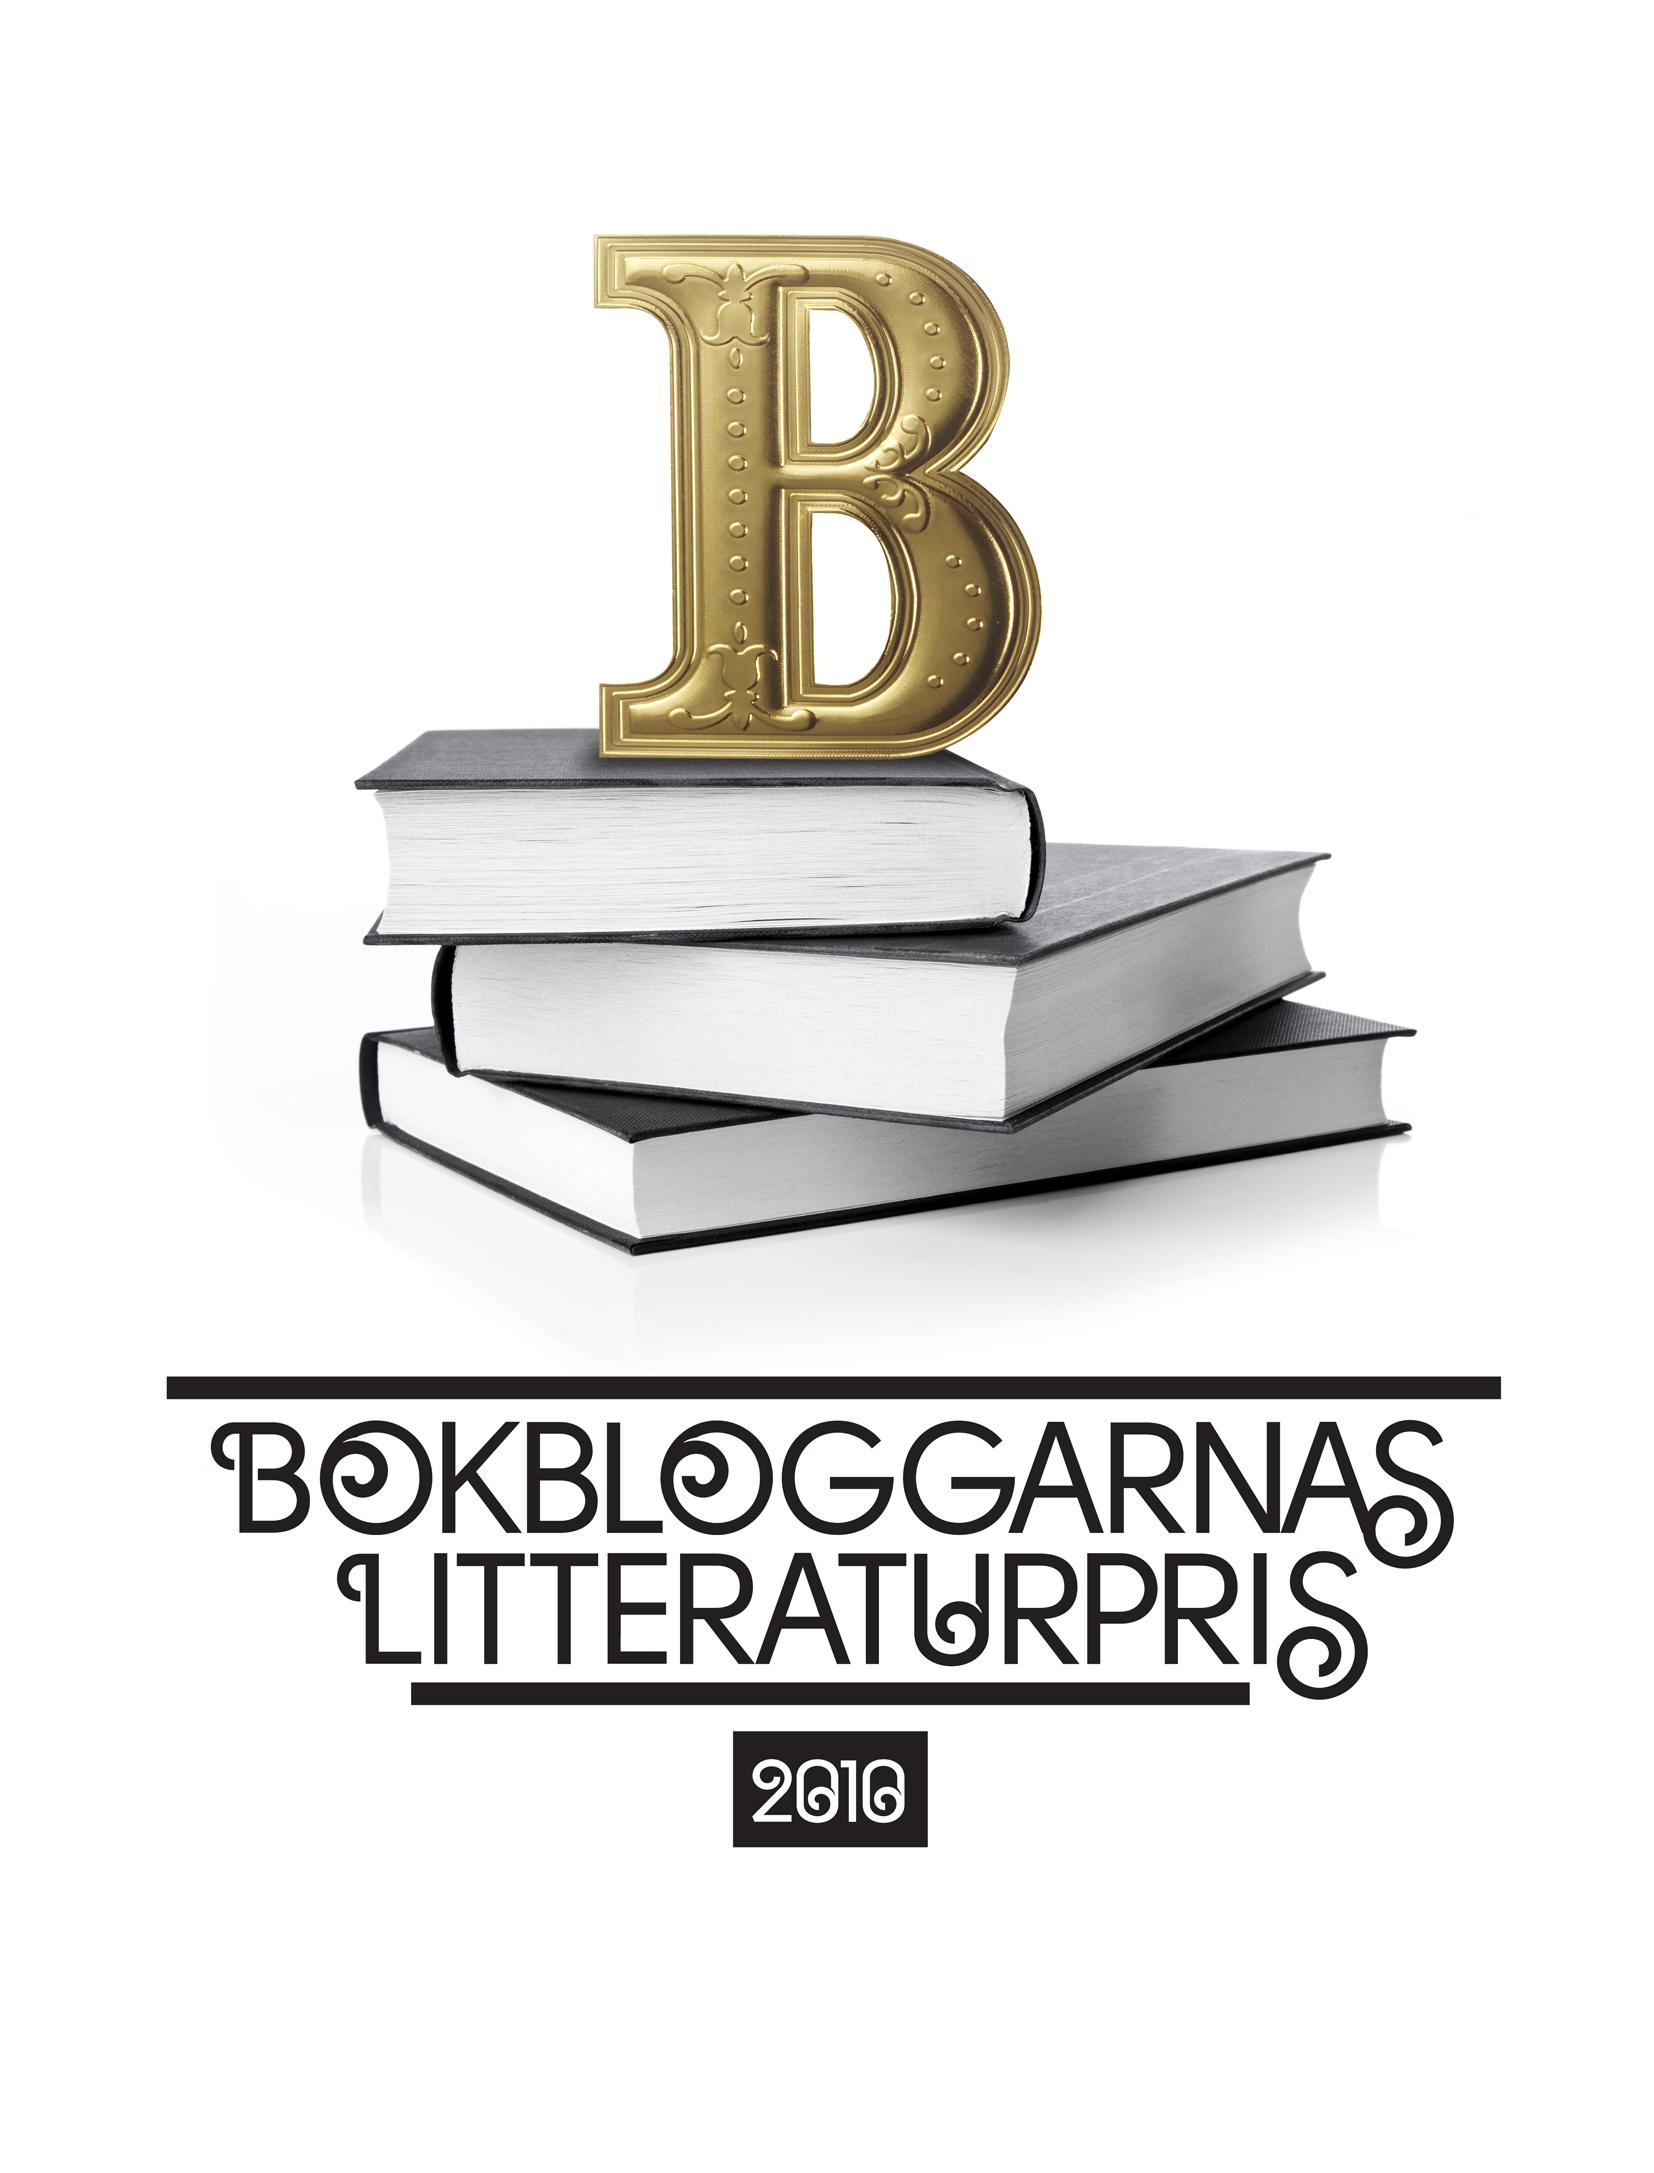 Bokbloggarnas litteraturpris 2010